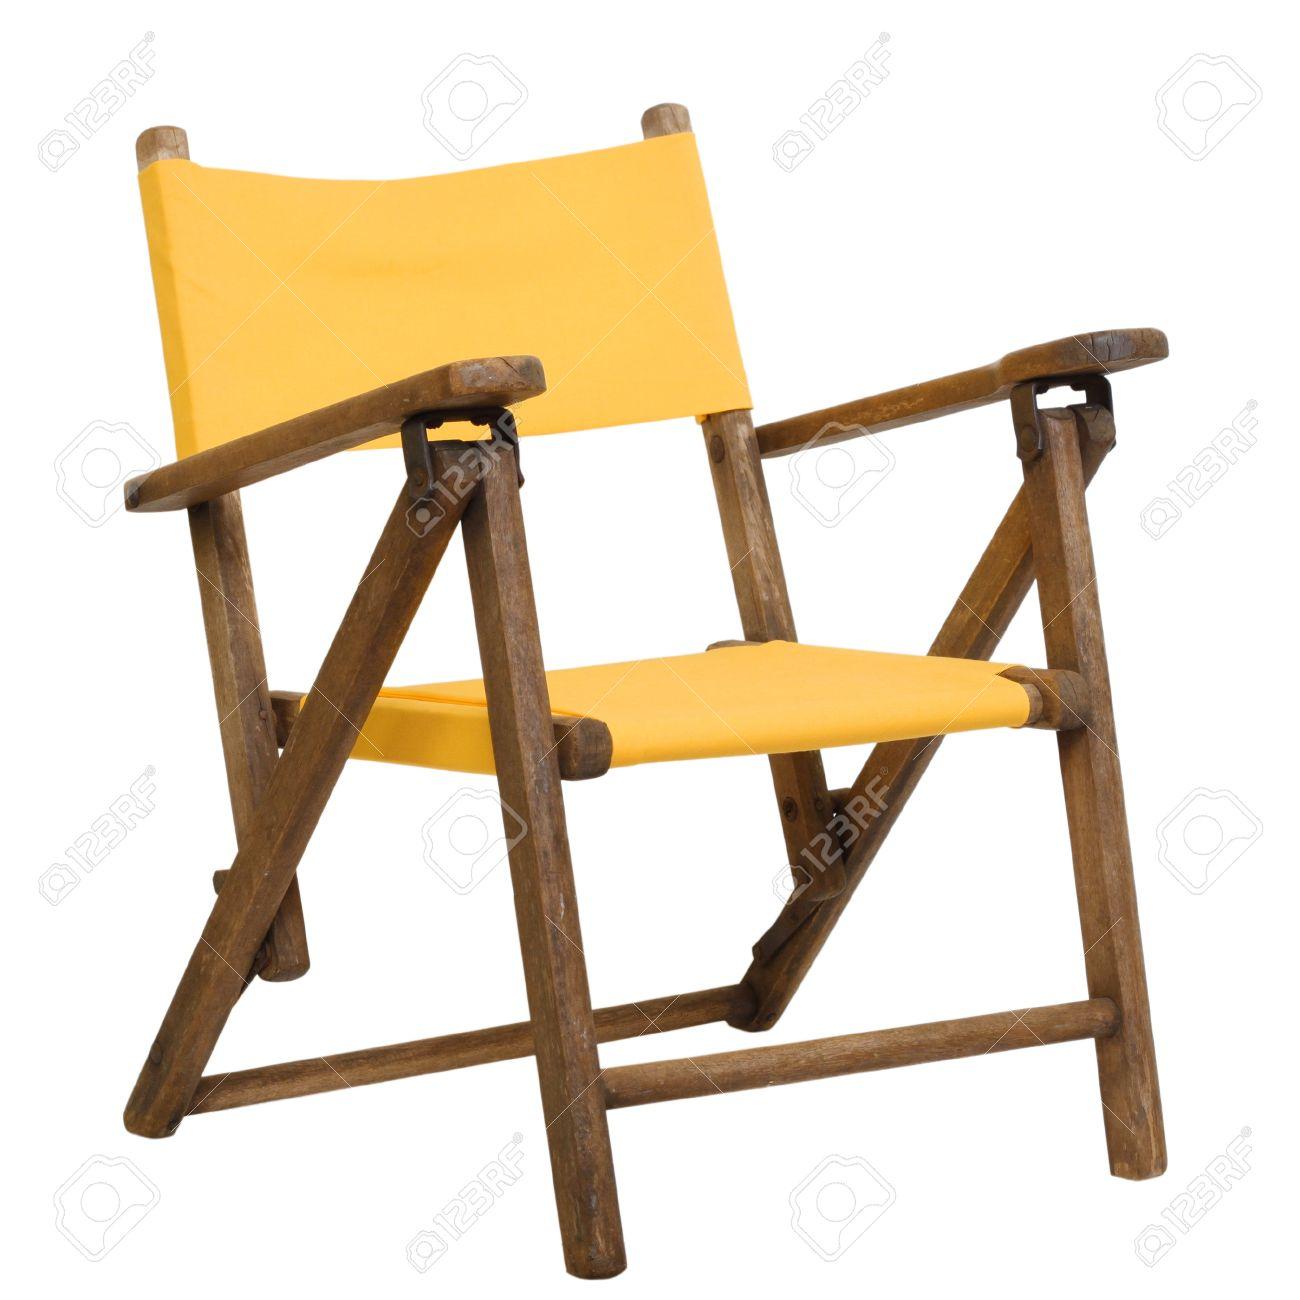 Antiguos Ninos Lona Plegable Silla Plegable En Color Amarillo - Sillas-de-lona-plegables